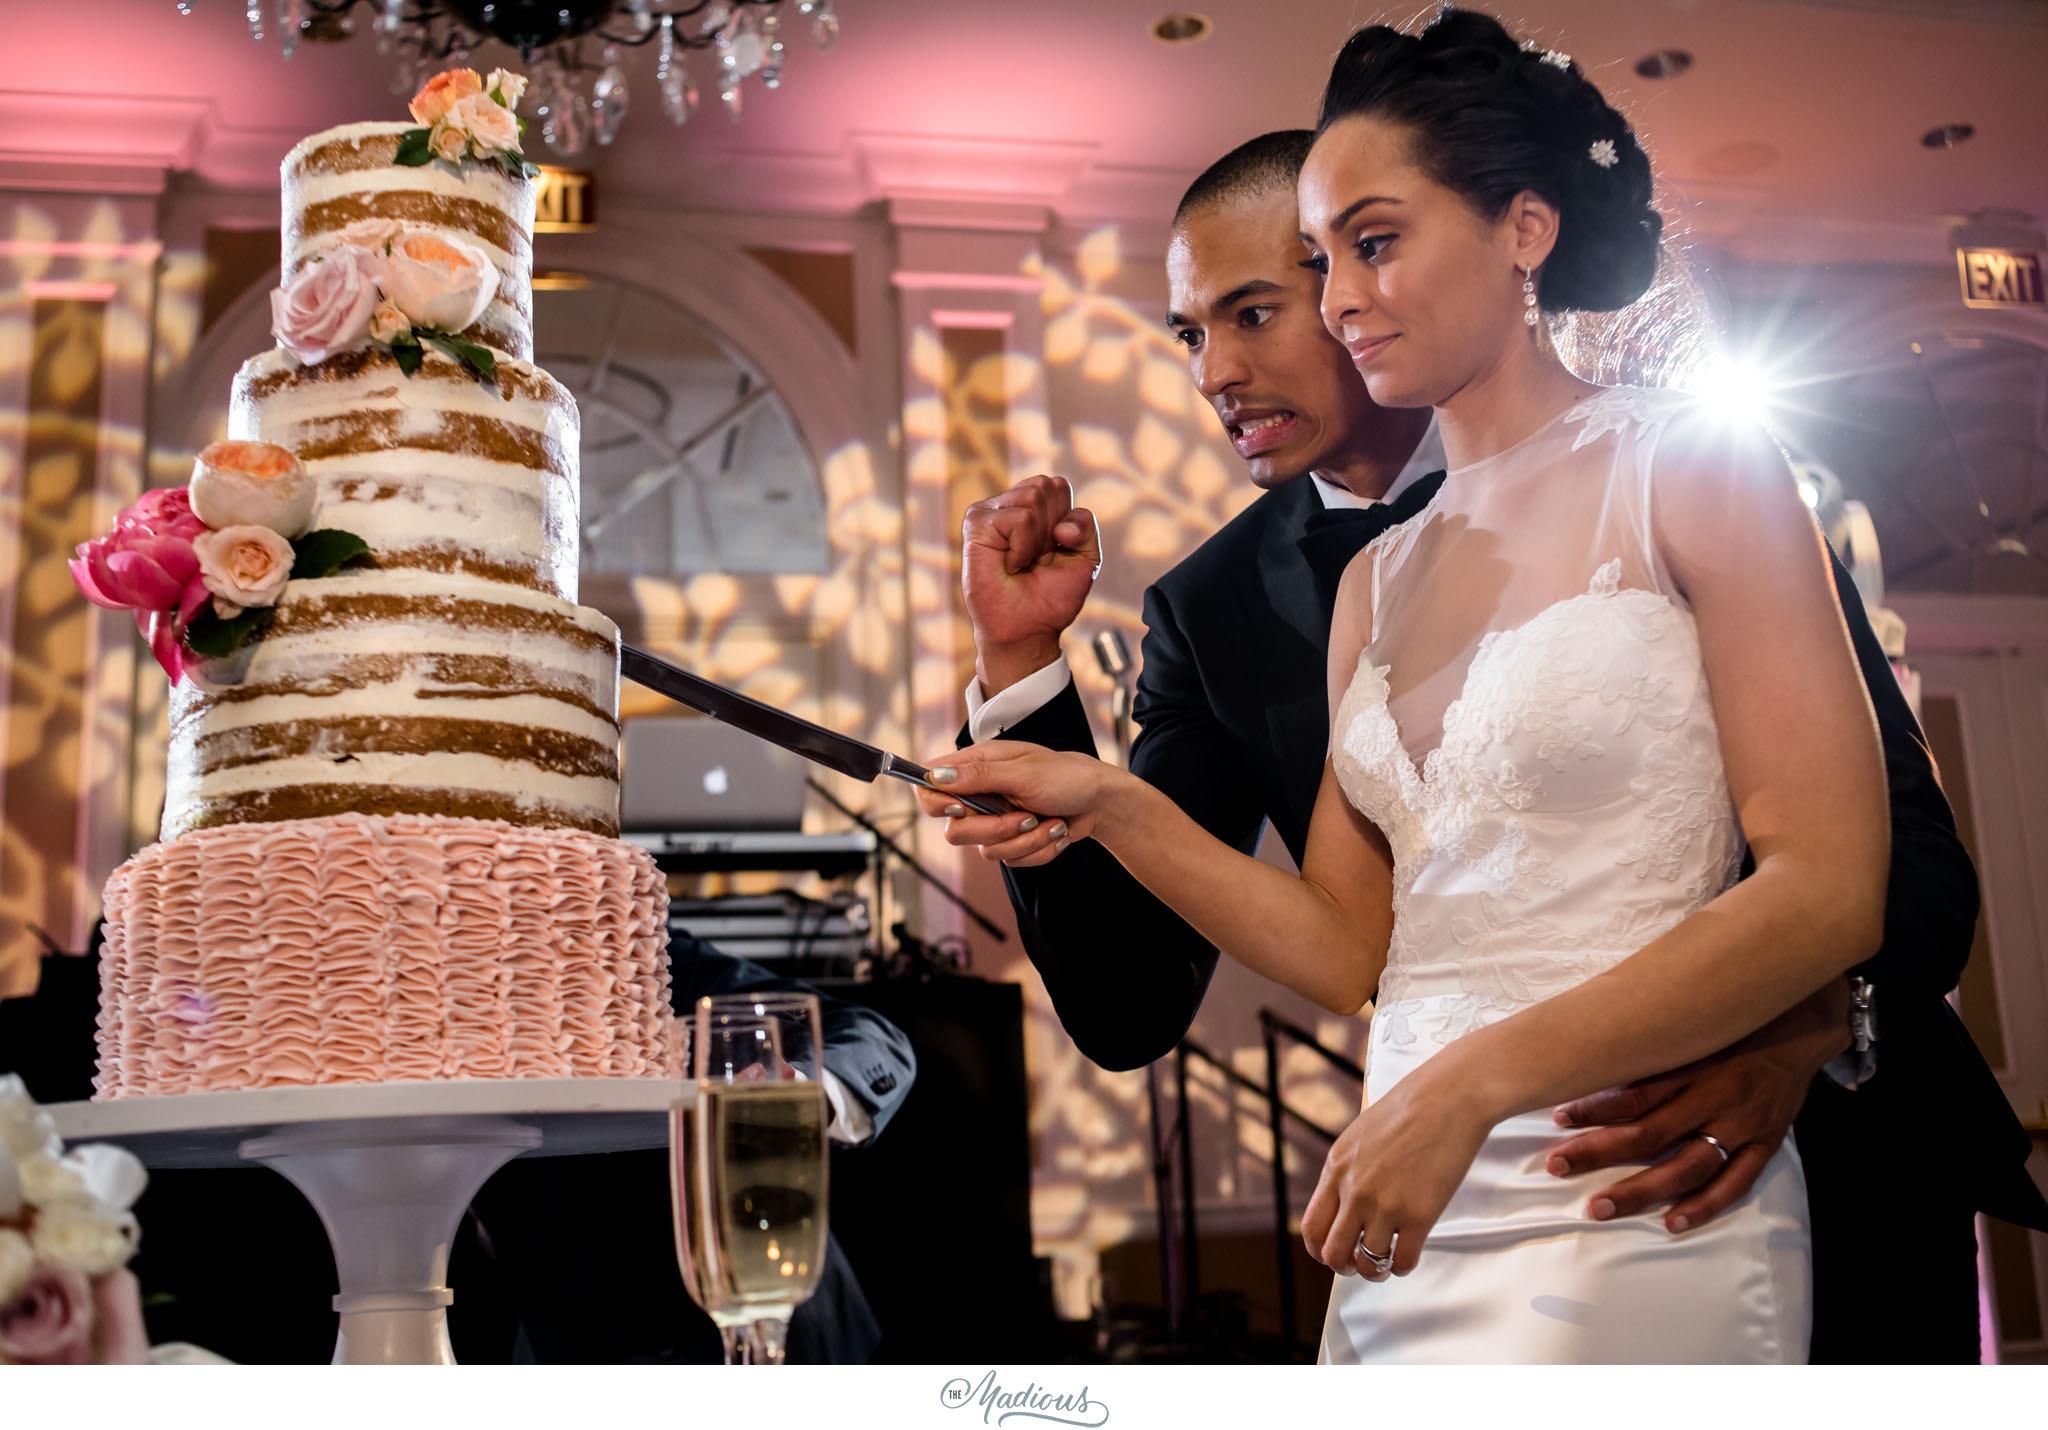 Fairmont Hotel DC Wedding 49.JPG